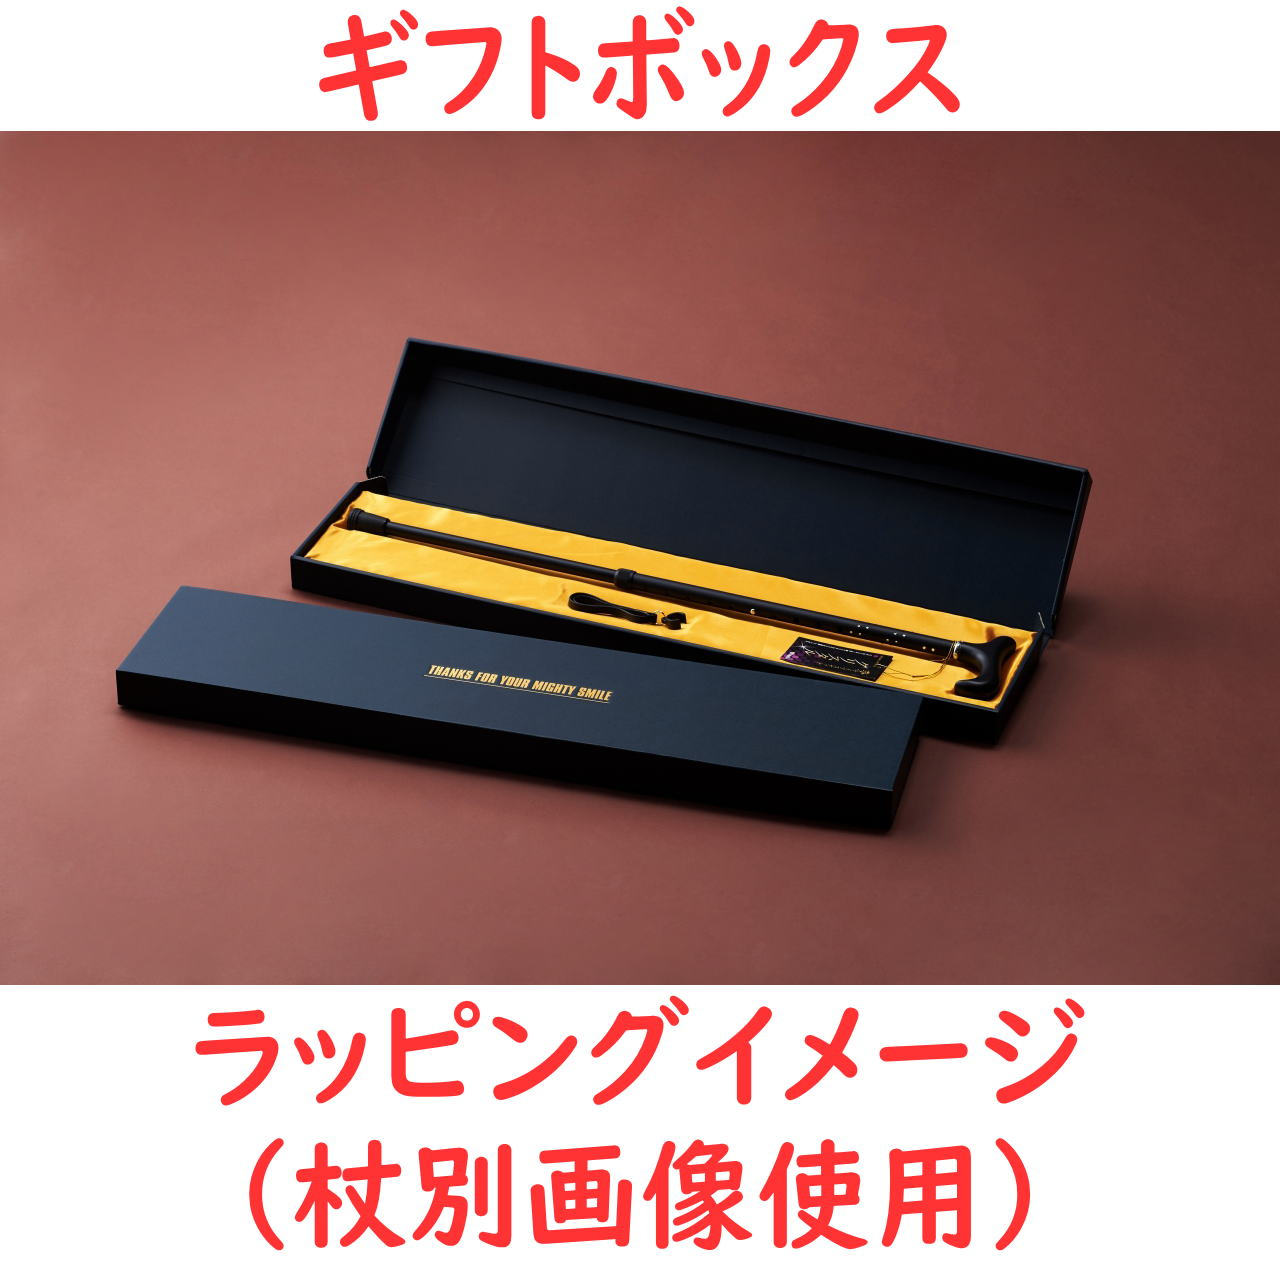 ☆ギフトボックス可☆ 夢ライフステッキ 伸縮型(ベーシックタイプ) ブラウン